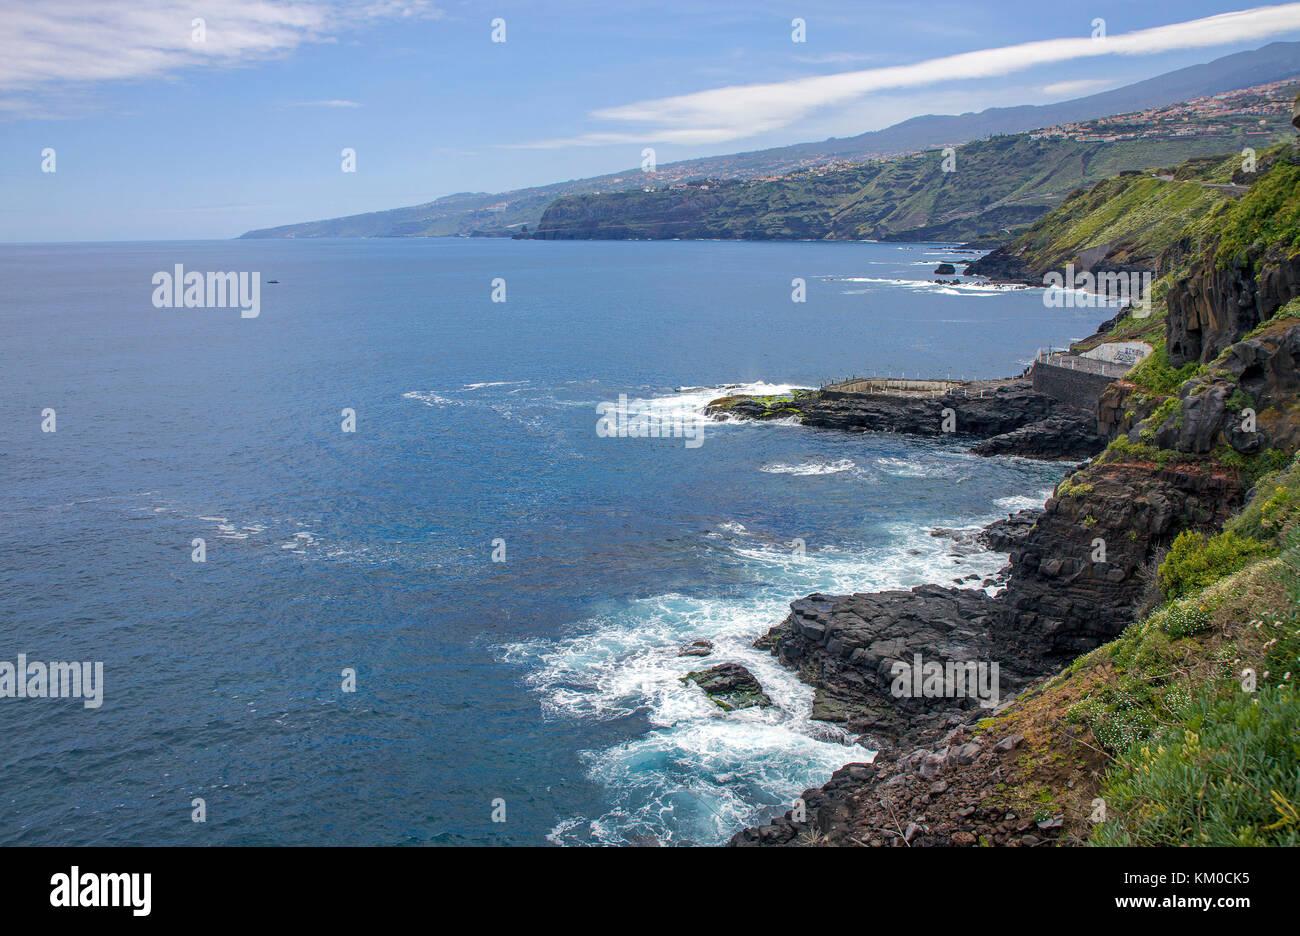 Rocky coast at Puerto de la Cruz, north side of Tenerife island, Canary islands, Spain - Stock Image